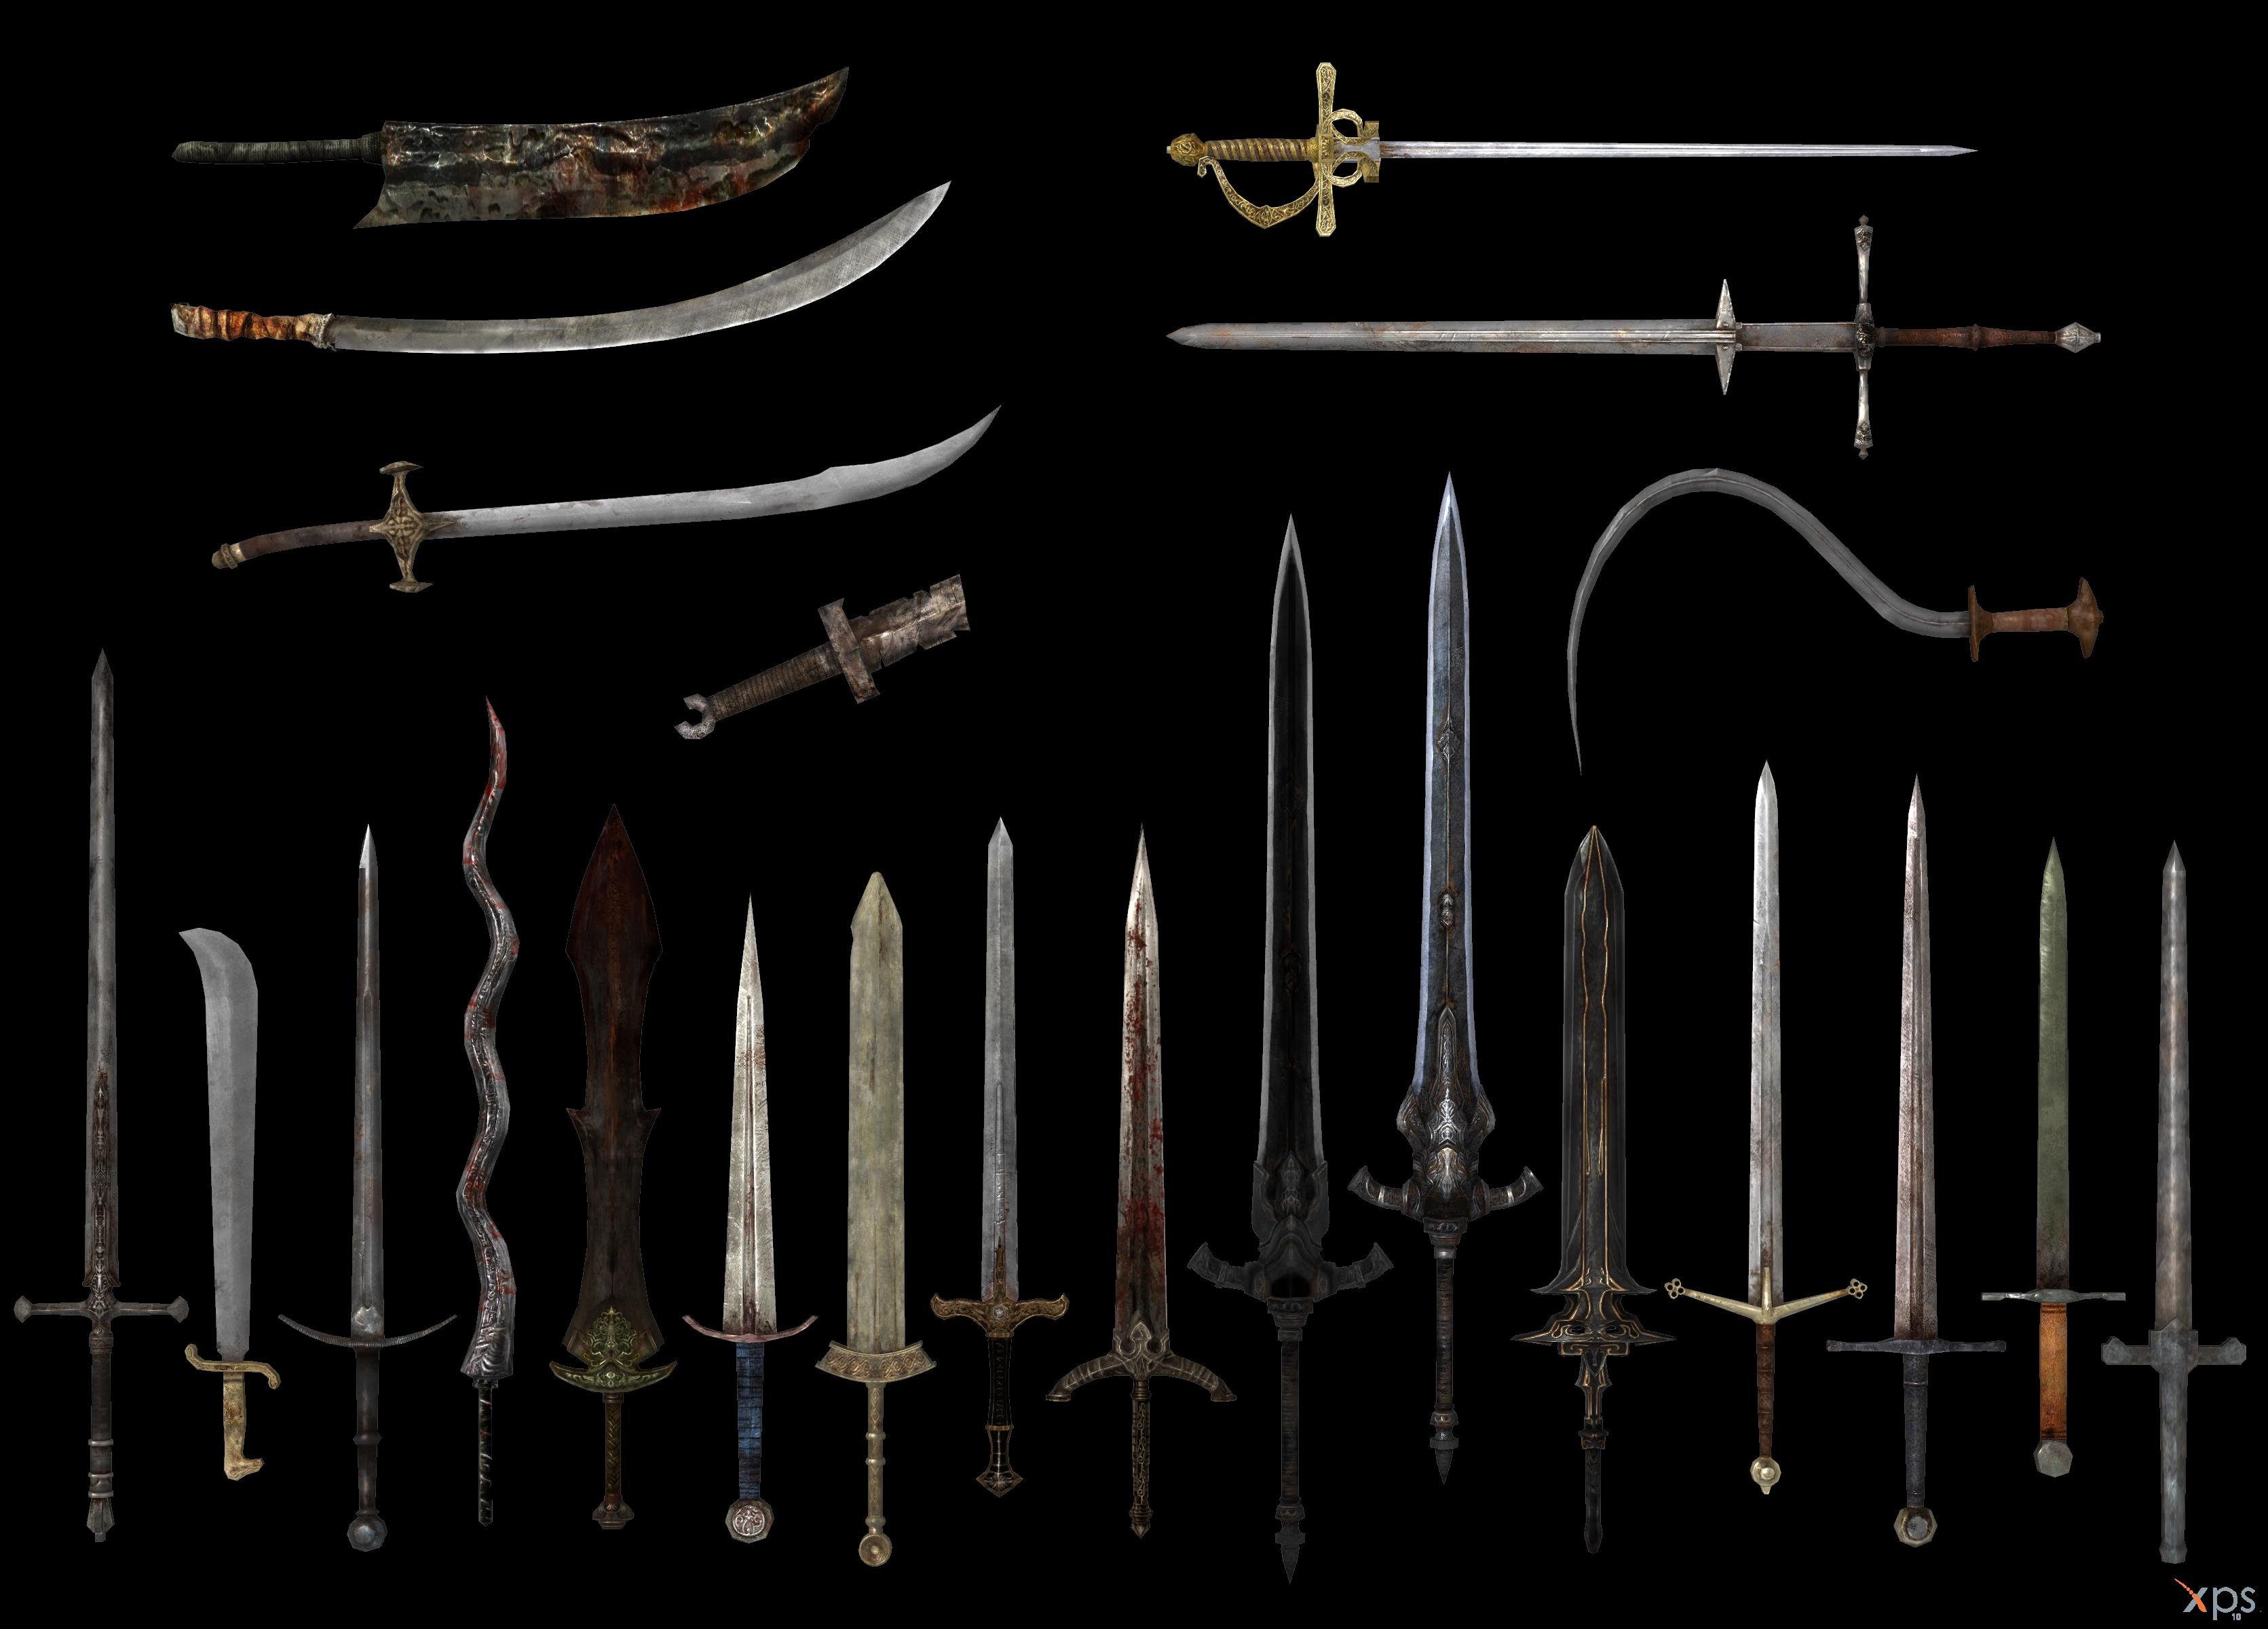 Dark Souls swords by Bringess